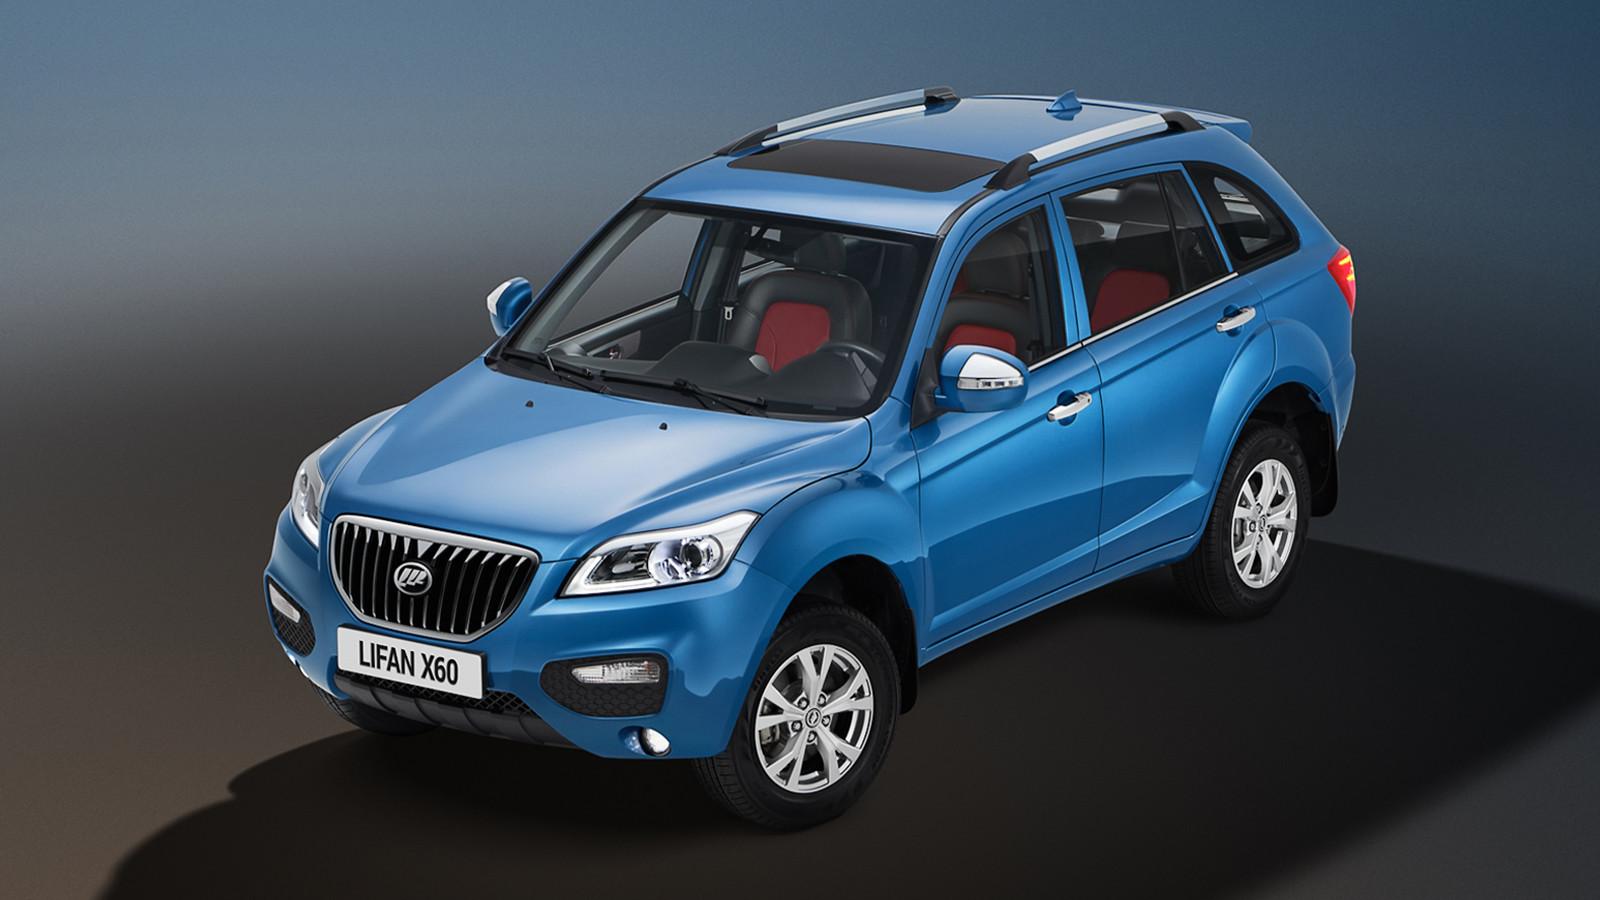 Lifan начнет продавать в Туркменистане автомобили российской сборки